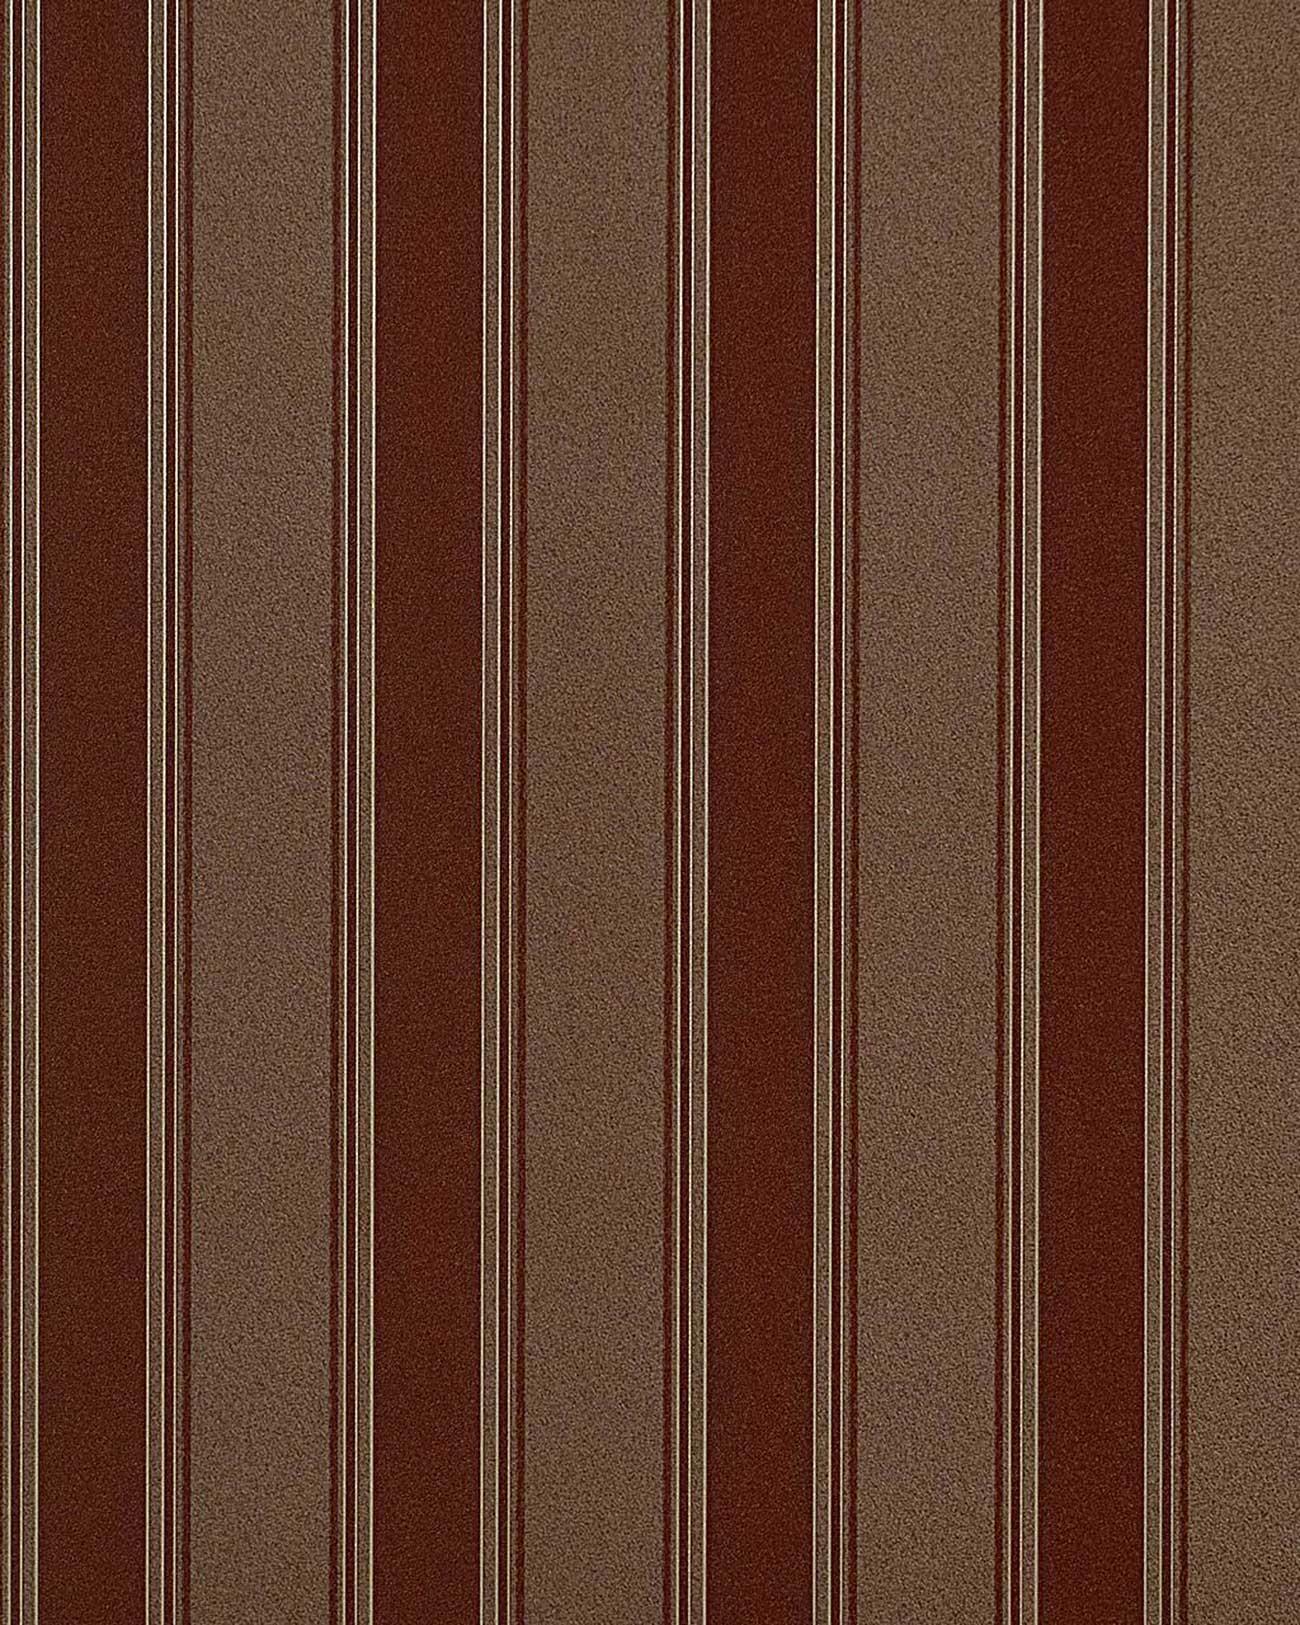 carta da parati a righe tortora : Carta da parati goffrata EDEM 827-26 a righe in marrone terracotta ...